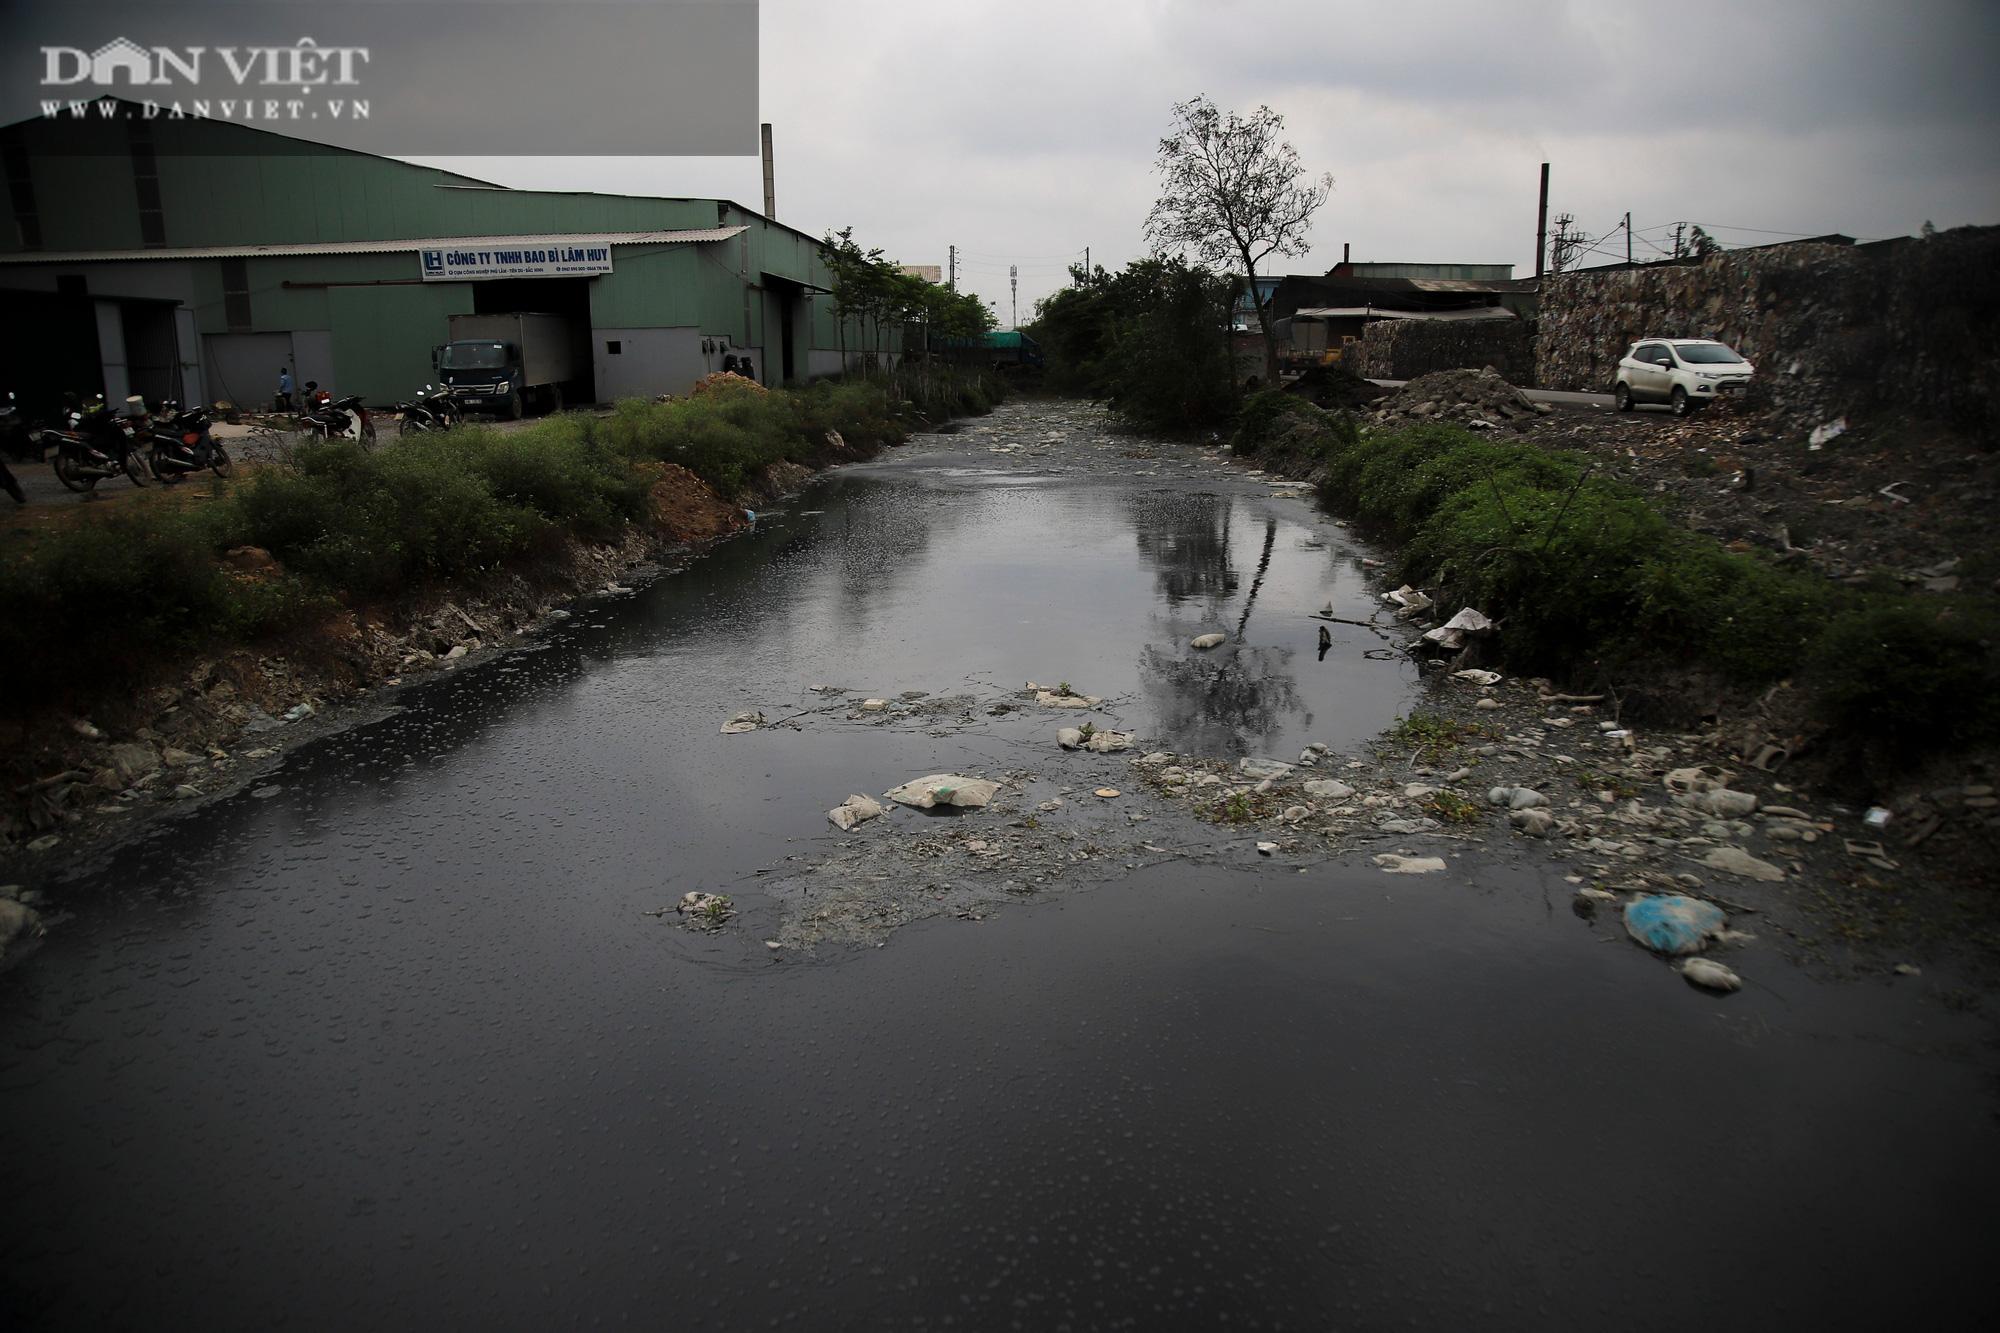 Ám ảnh khủng khiếp ở làng giấy Phú Lâm: Ô nhiễm đến con ruồi cũng không sống nổi, công nhân bán mòn sức - Ảnh 35.